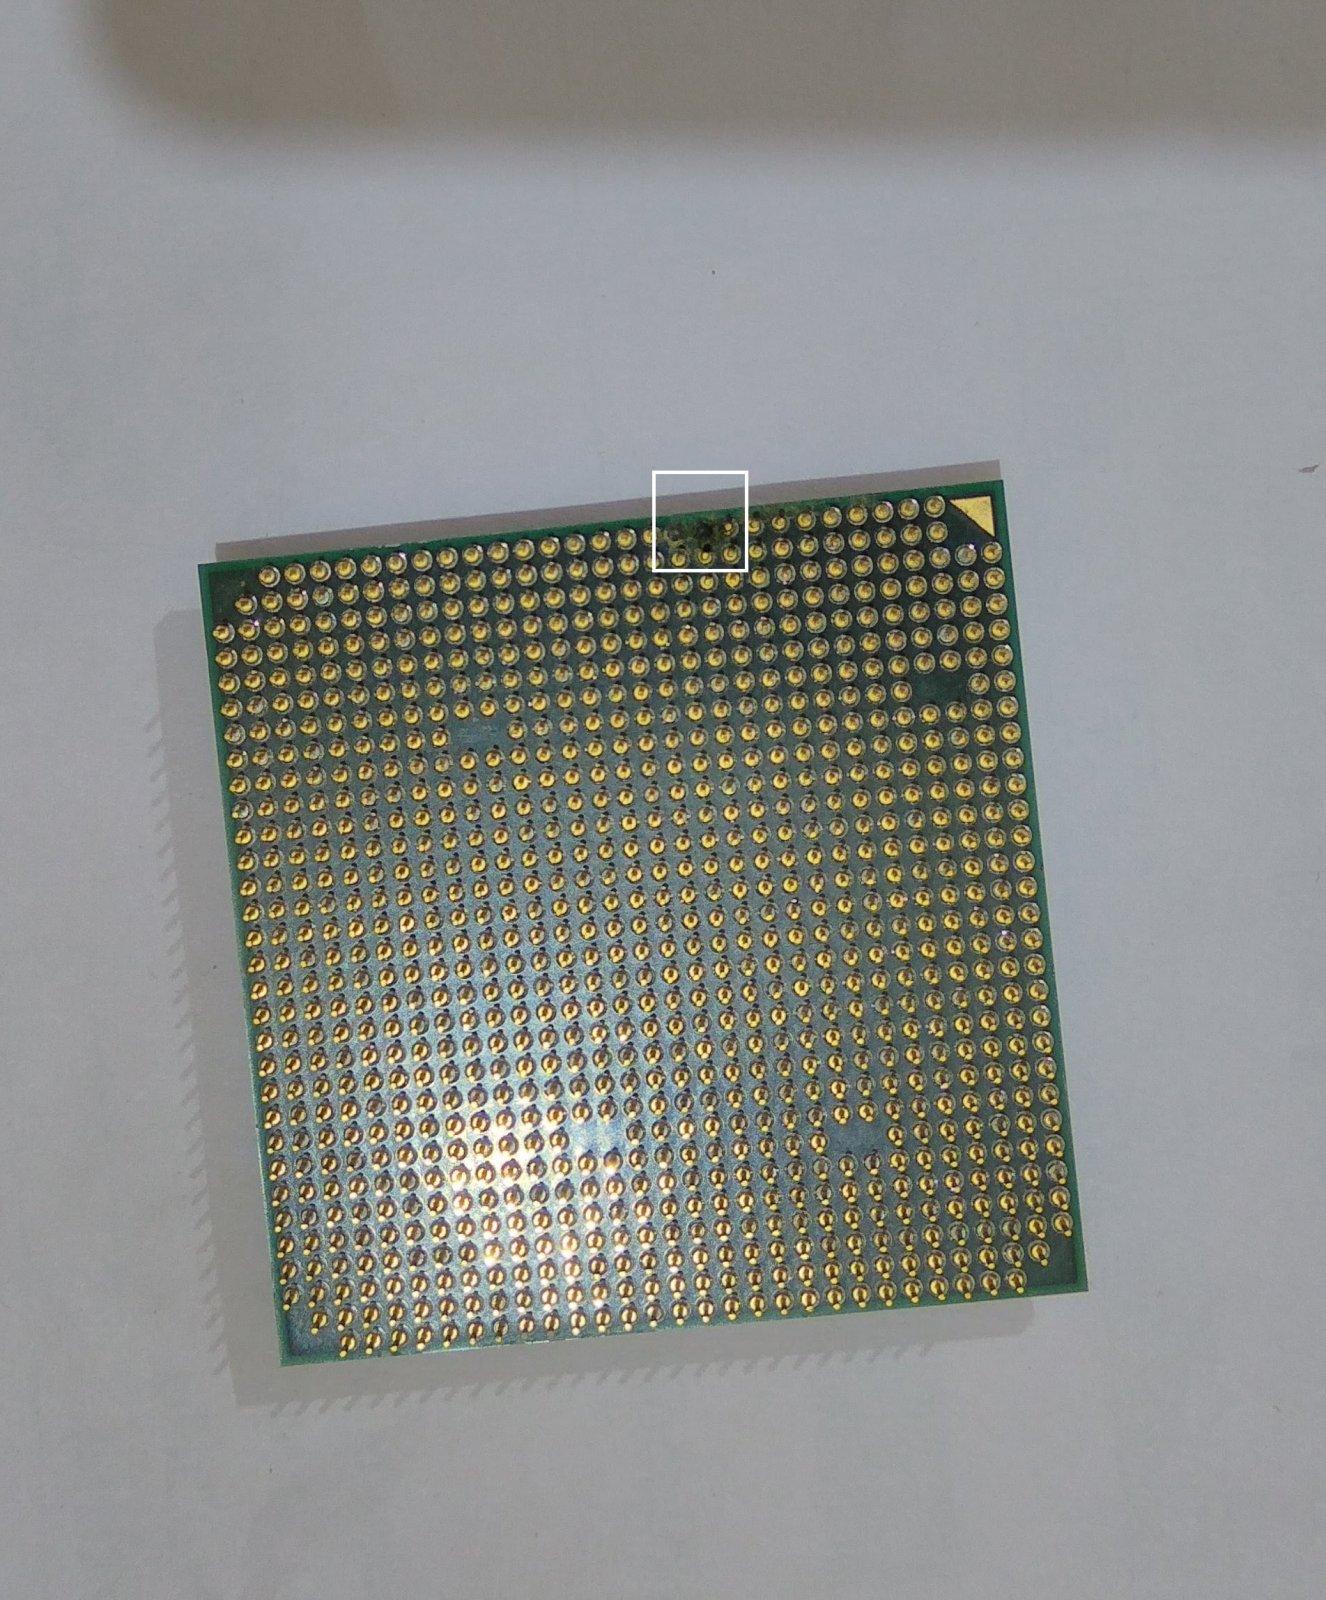 CPU_pins.jpg